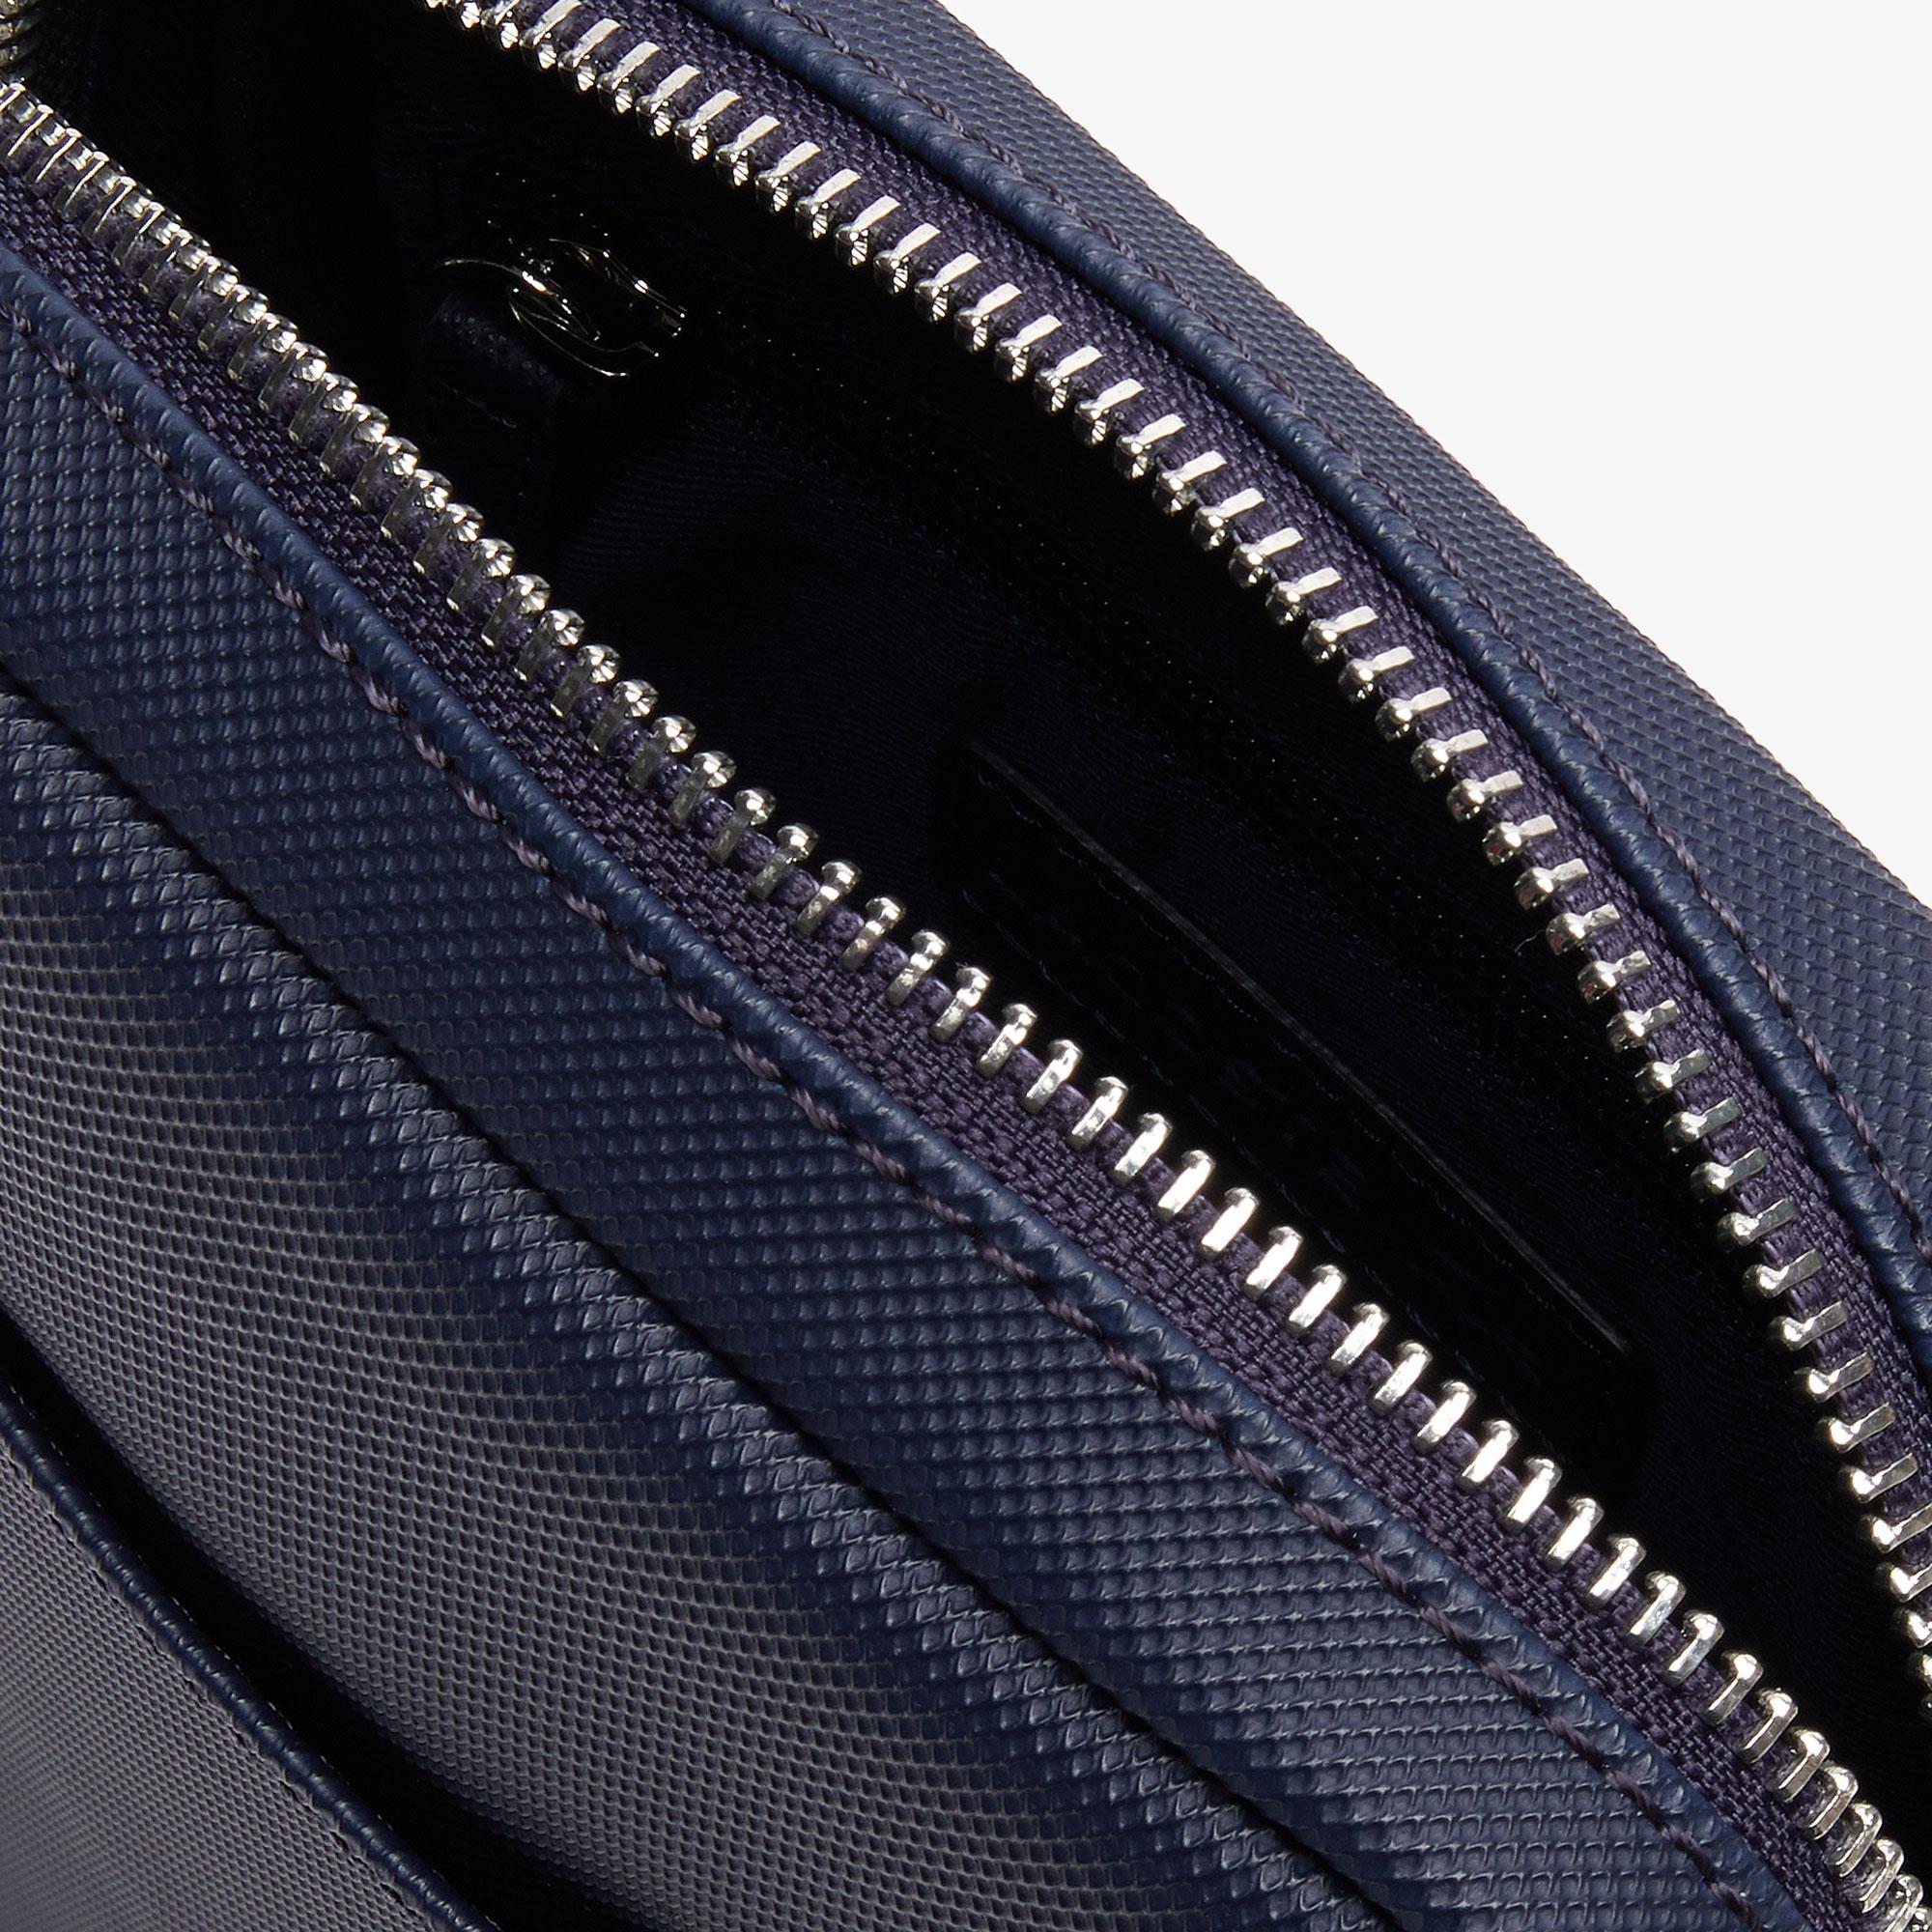 Lacoste Męska klasyczna pionowa torba na zamek błyskawiczny z drobnej piki